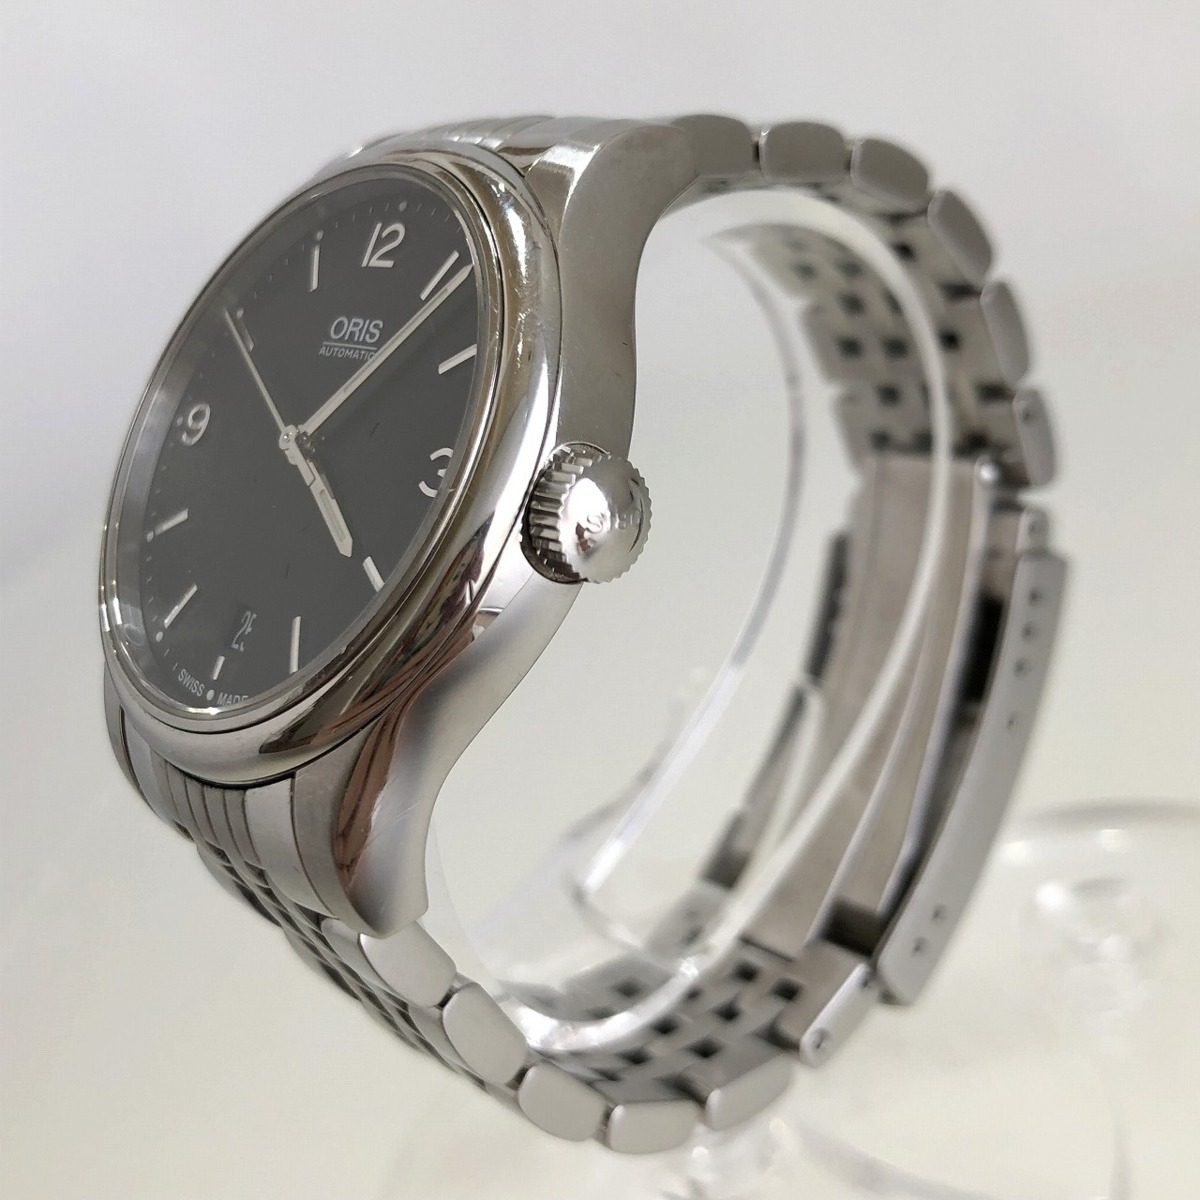 定価15.3万円 美品 ORIS オリス クラシックデイト 自動巻き 腕時計 733 7578 4034M 裏スケ 黒文字盤 メンズ 質屋の質セブン_画像5